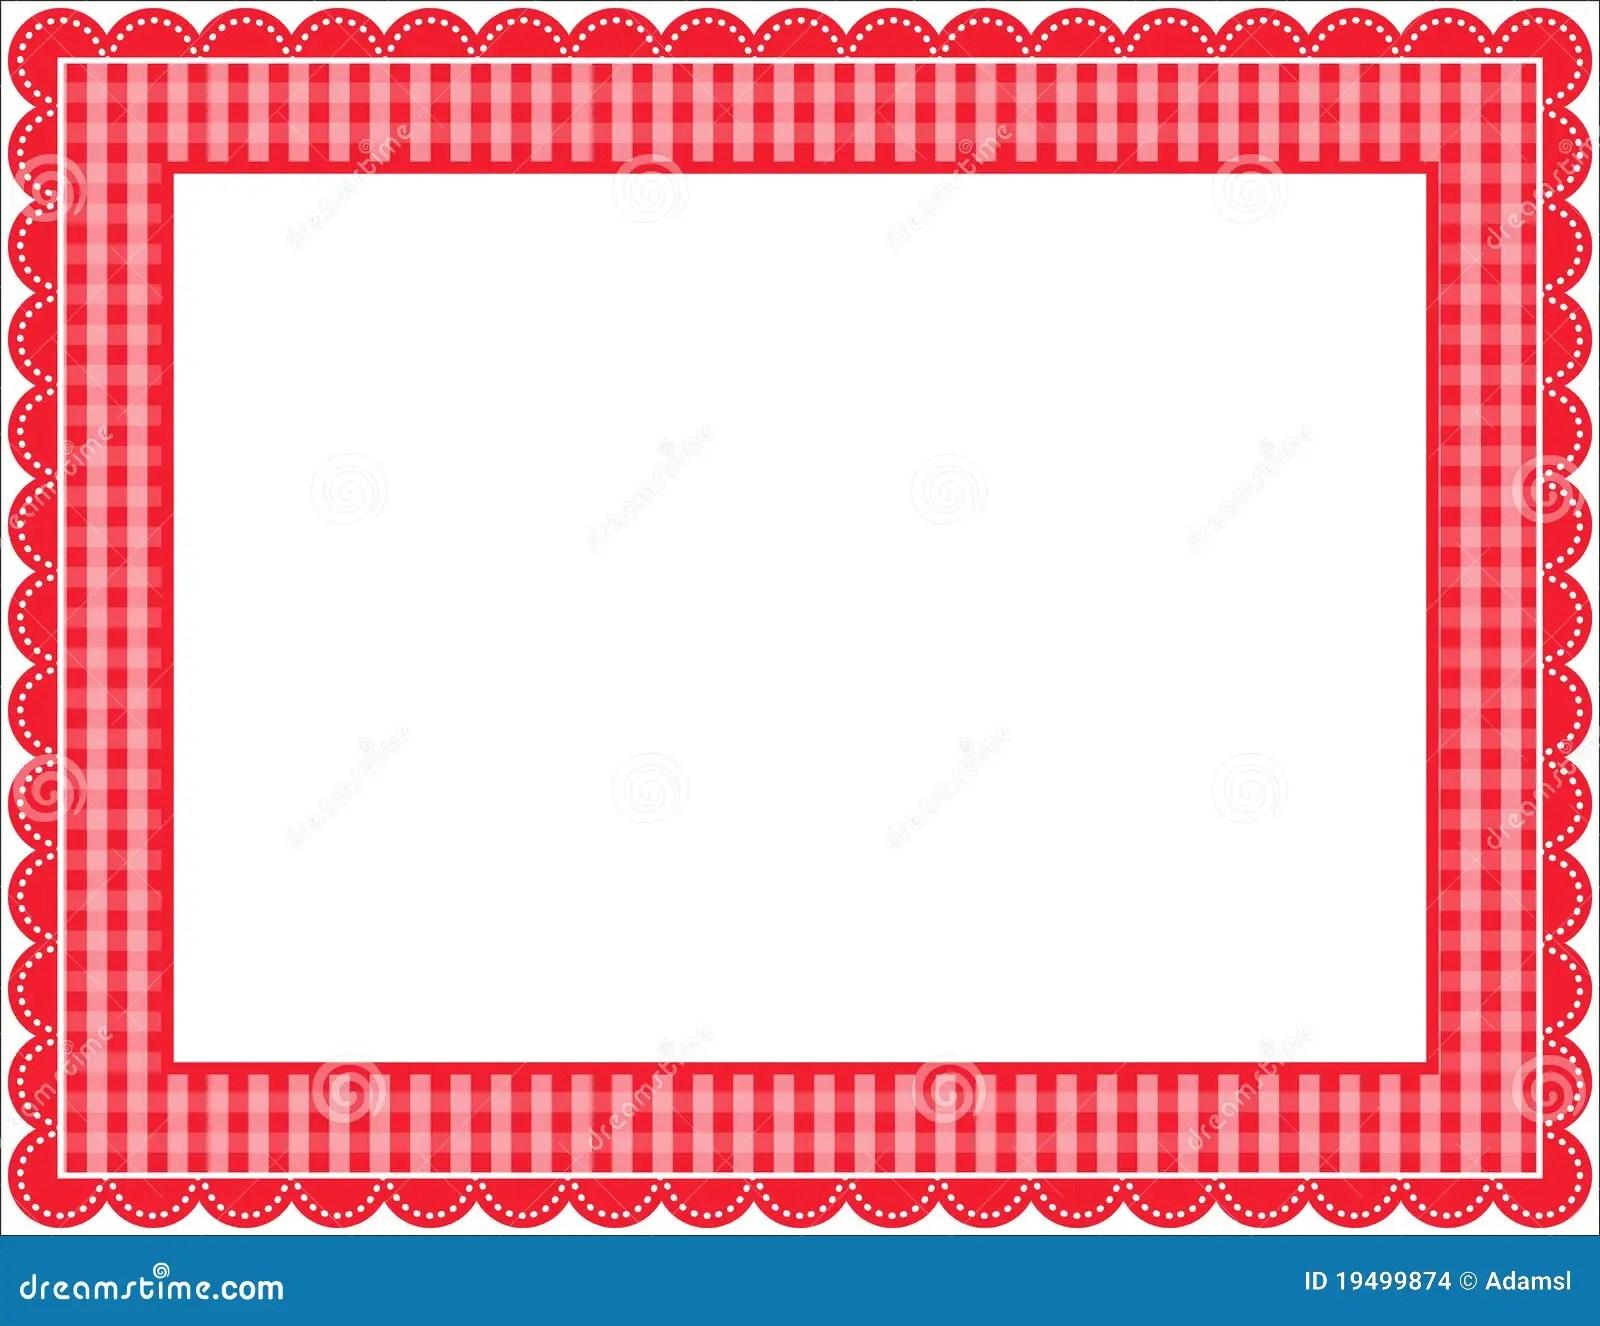 Gingham Frame Stock Vector Illustration Of Checkered